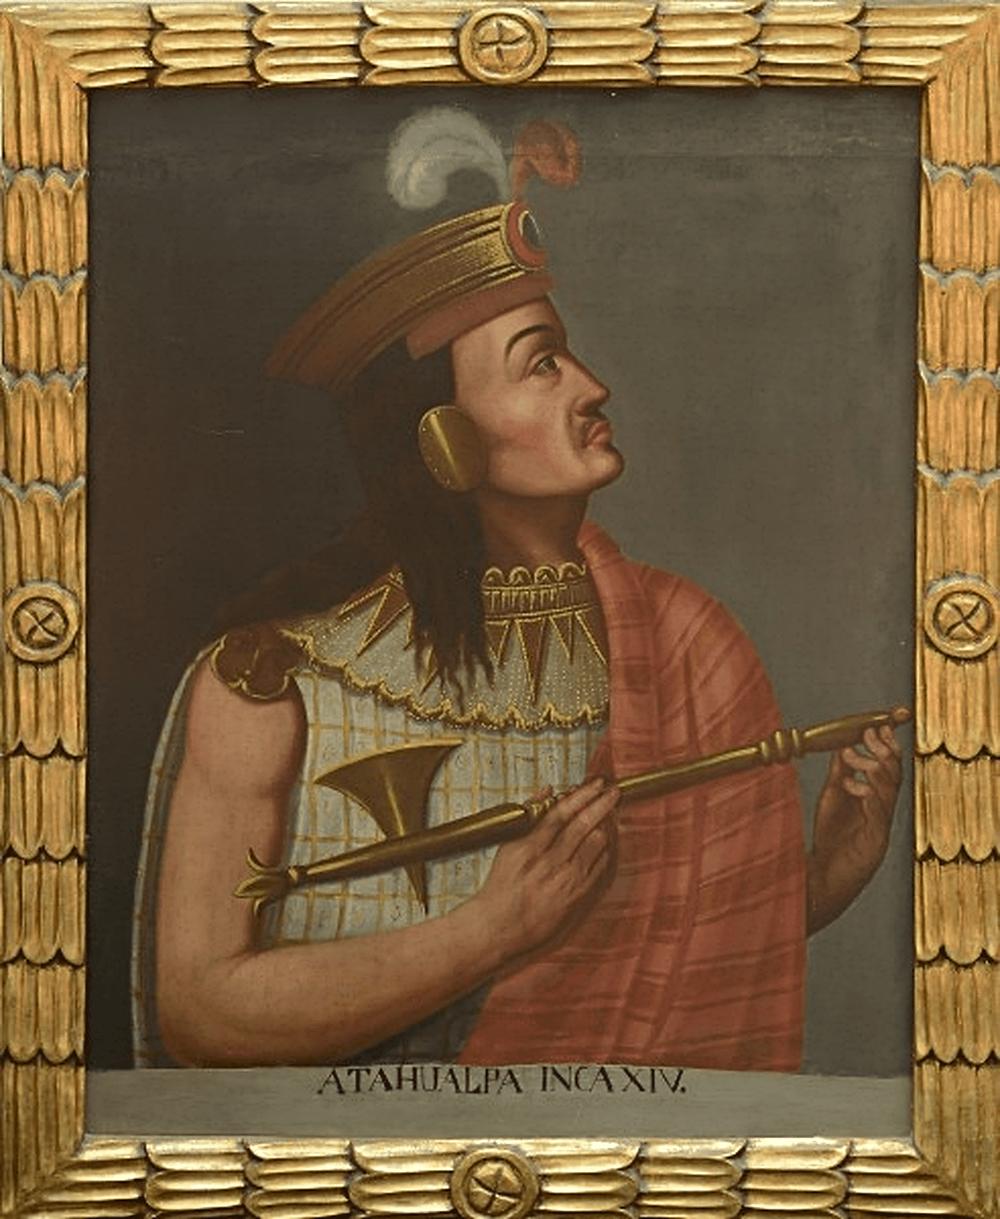 Atahualpa Inca XIV